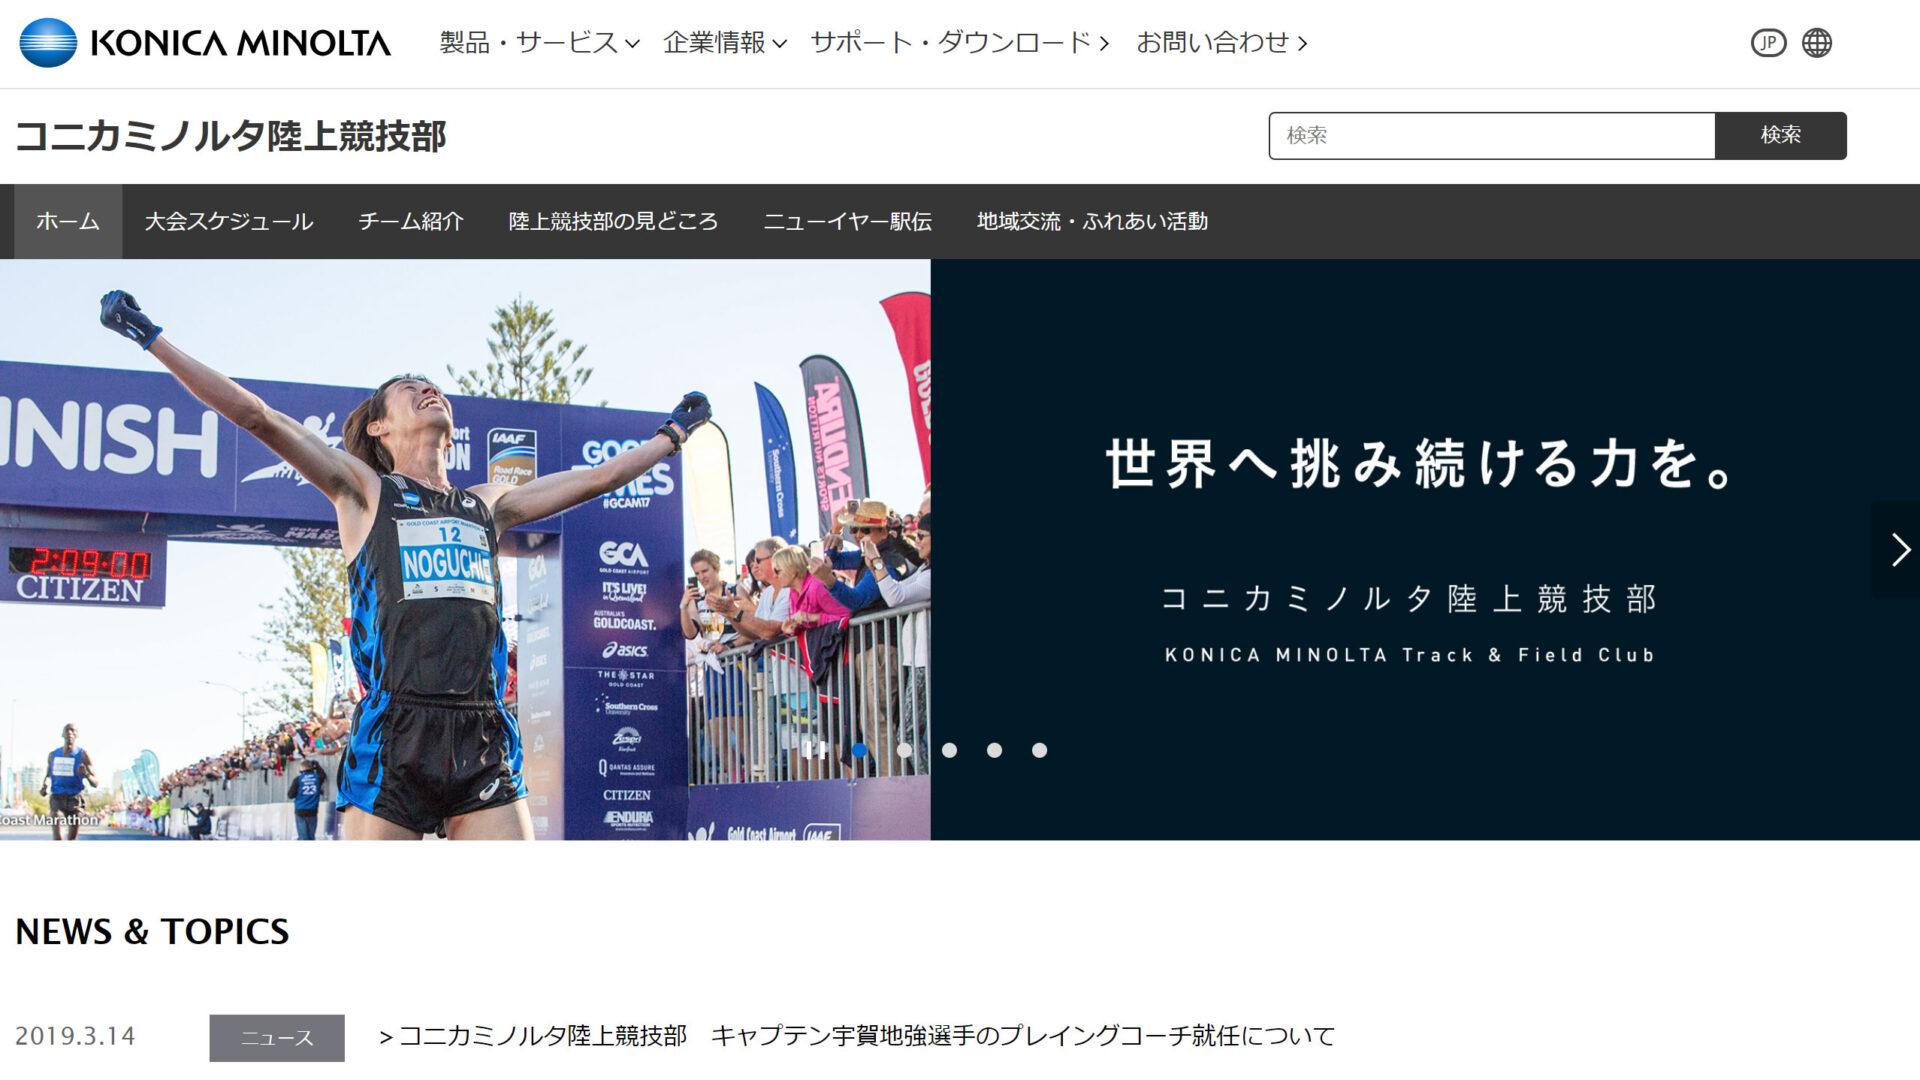 コニカミノルタ宇賀地強選手の現役引退ニュースに思い立ったこと